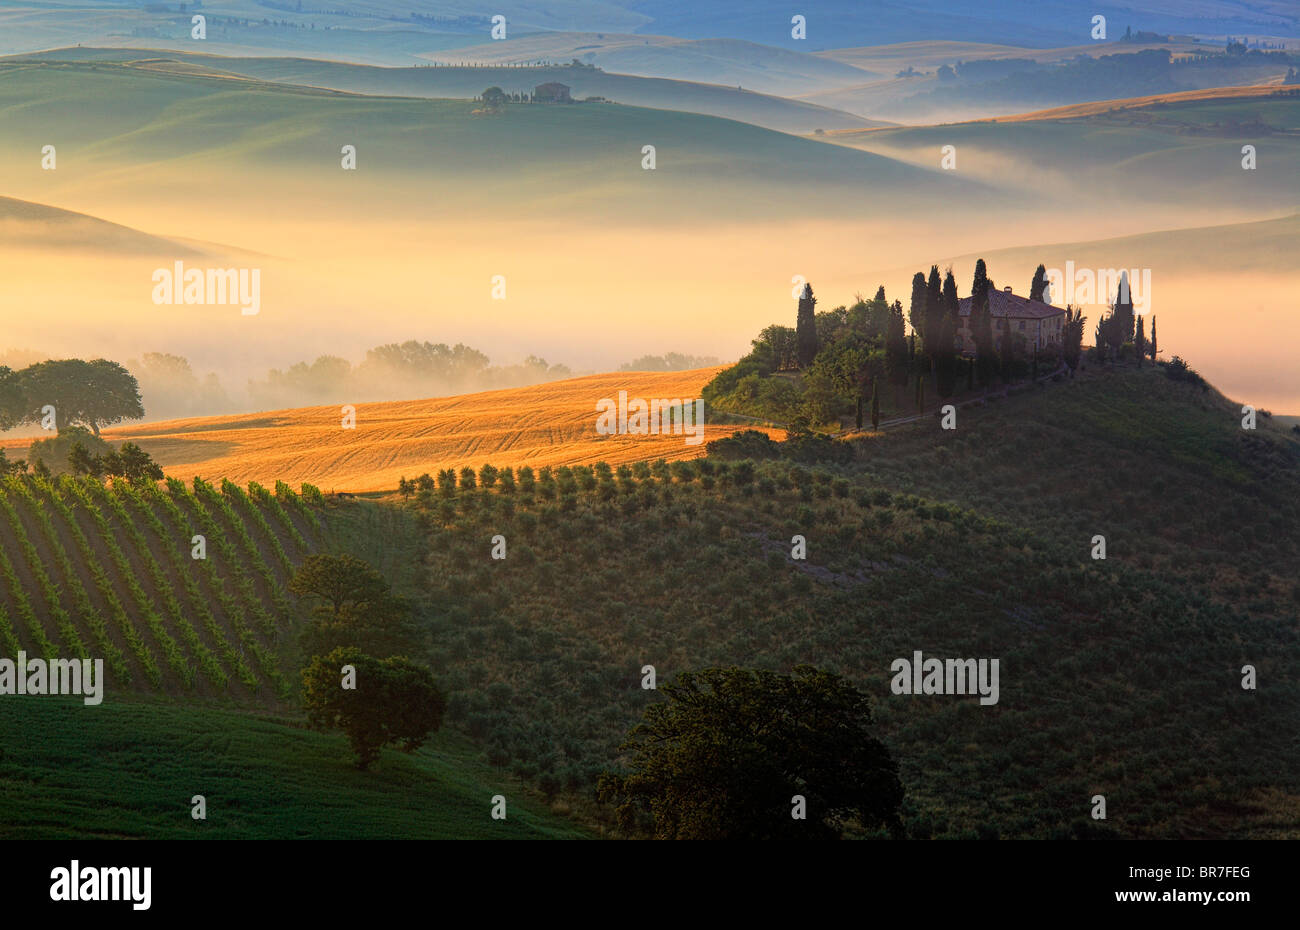 Villa auf einem Hügel in Val d ' Orcia, eine Region der Toskana in Mittelitalien, bei Sonnenaufgang Stockbild